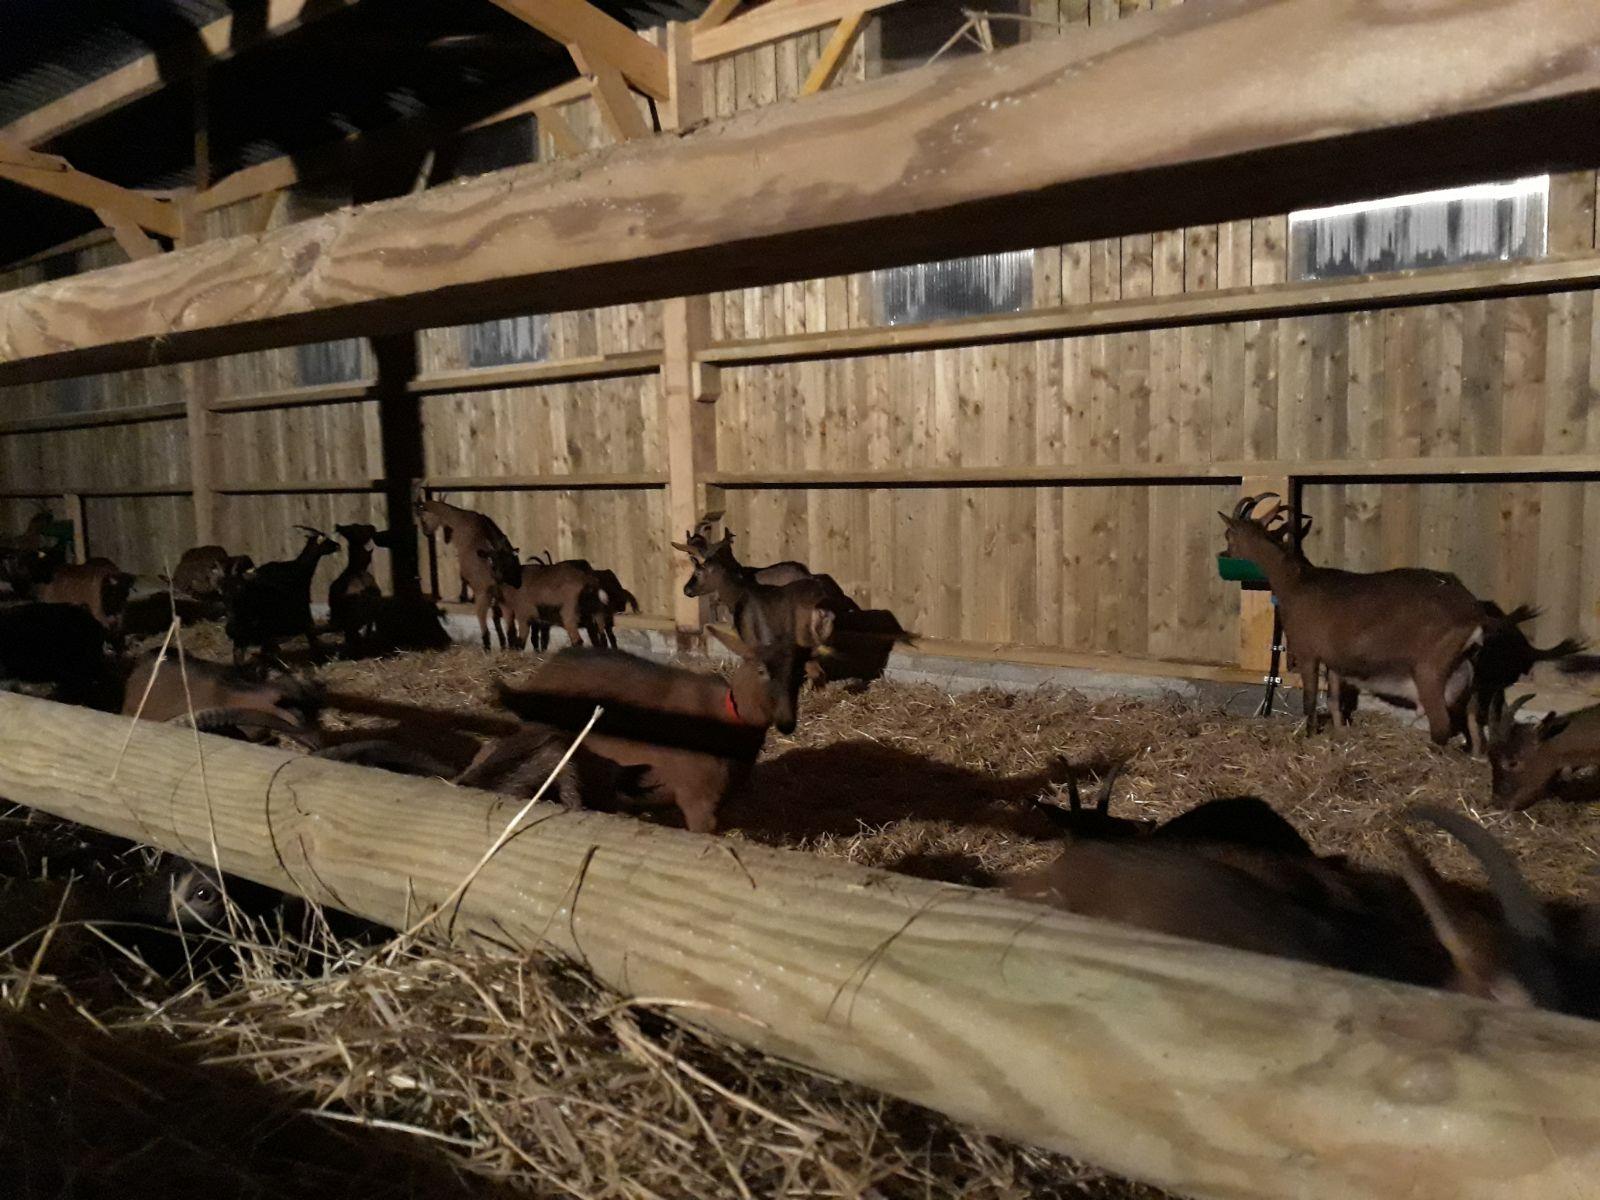 Arrivée des chèvres dans le bâtiment